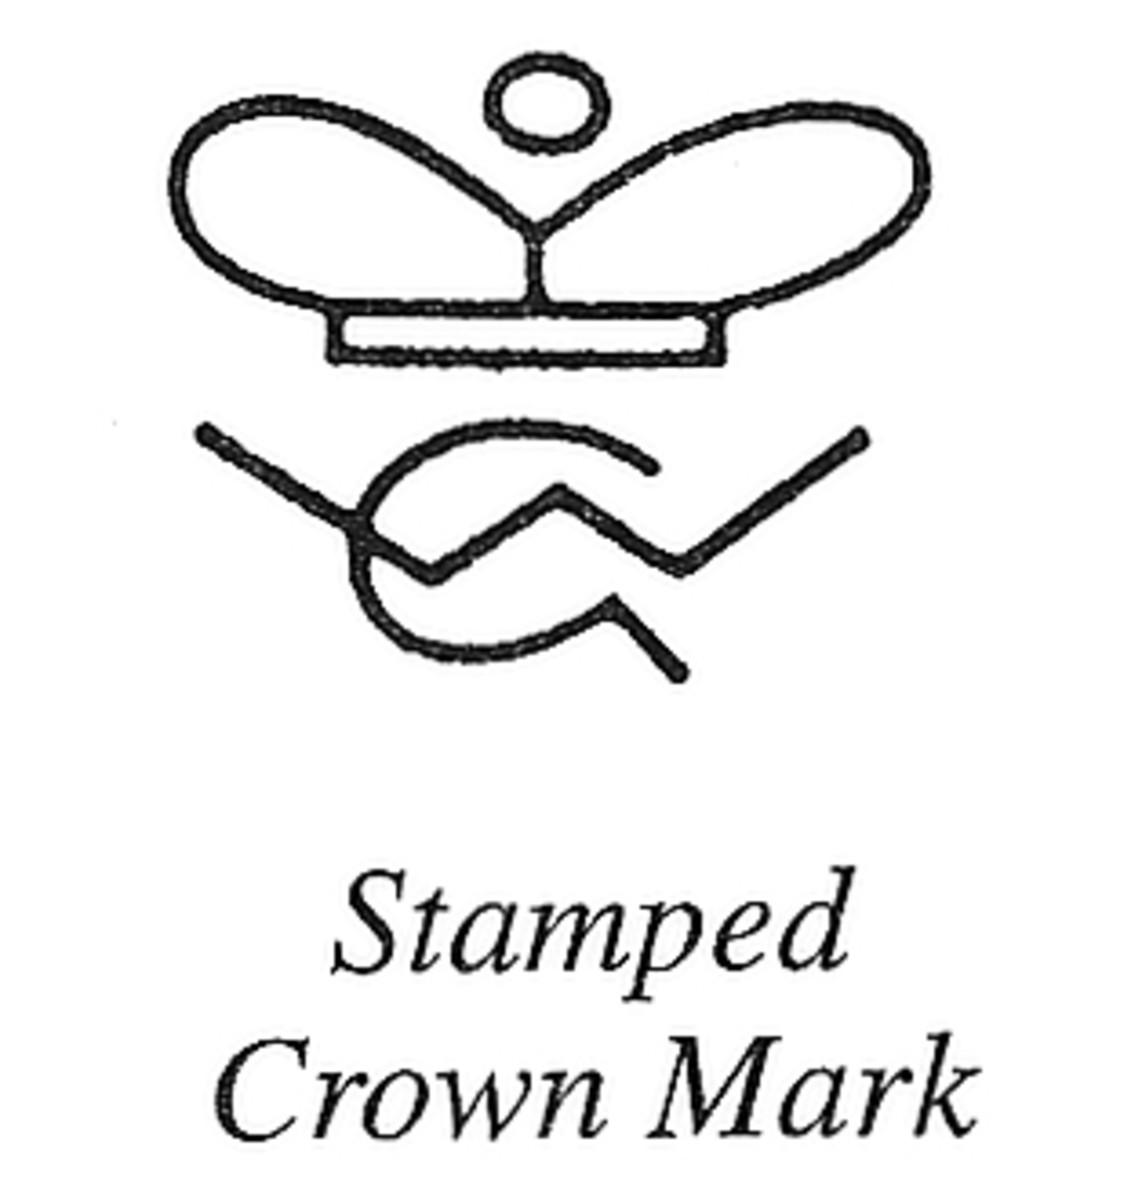 Stamped Crown Mark